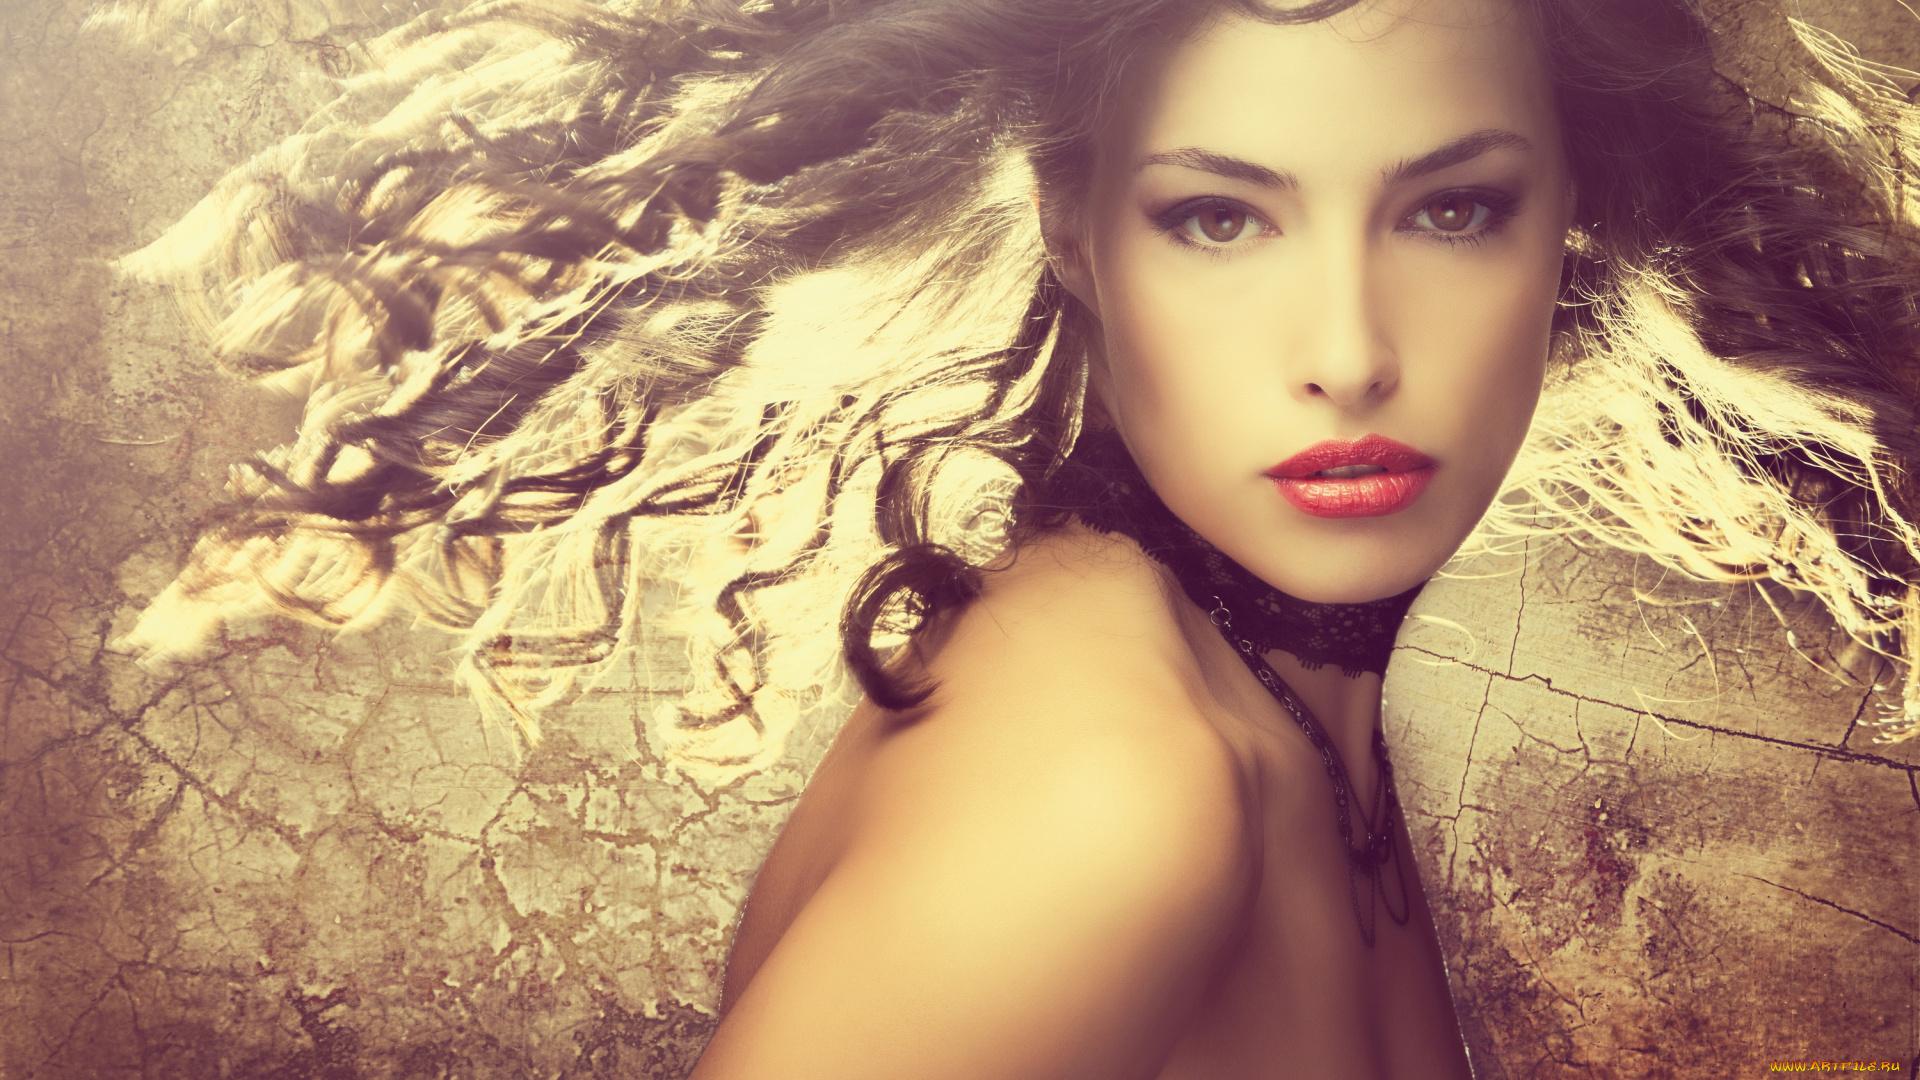 Неземной красоты девушка фото